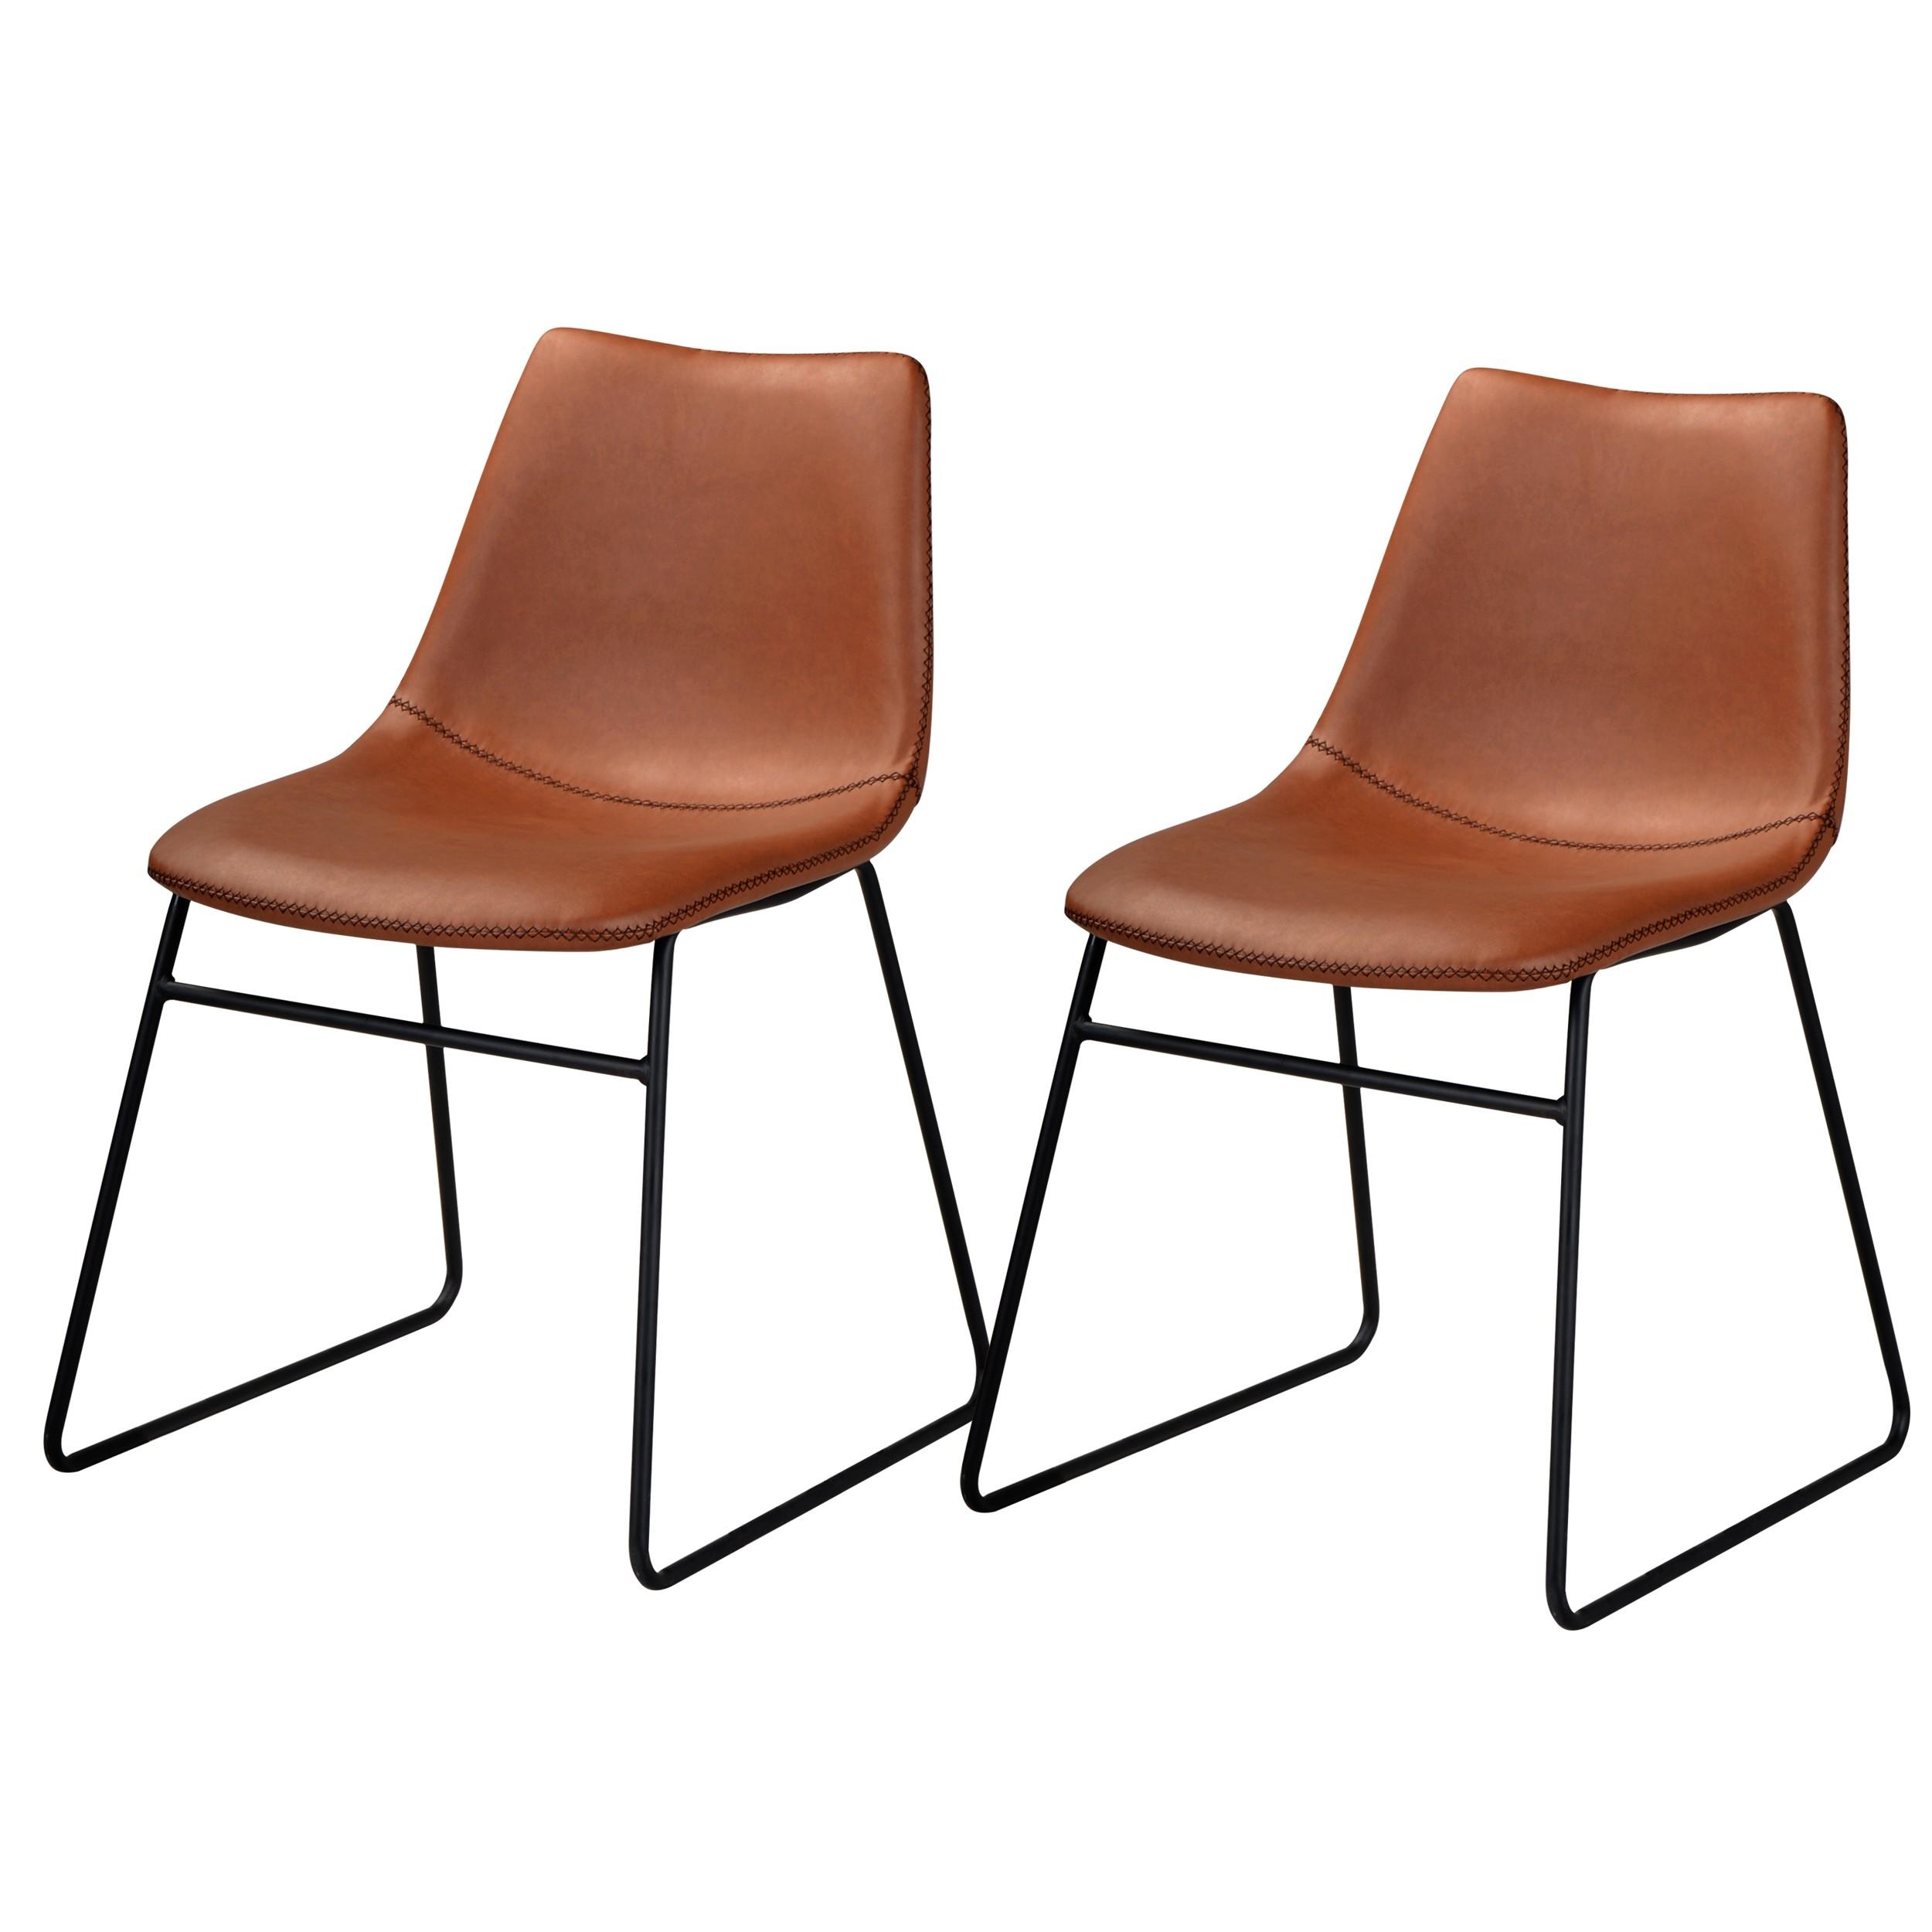 acheter chaise lot de 2 marron simili